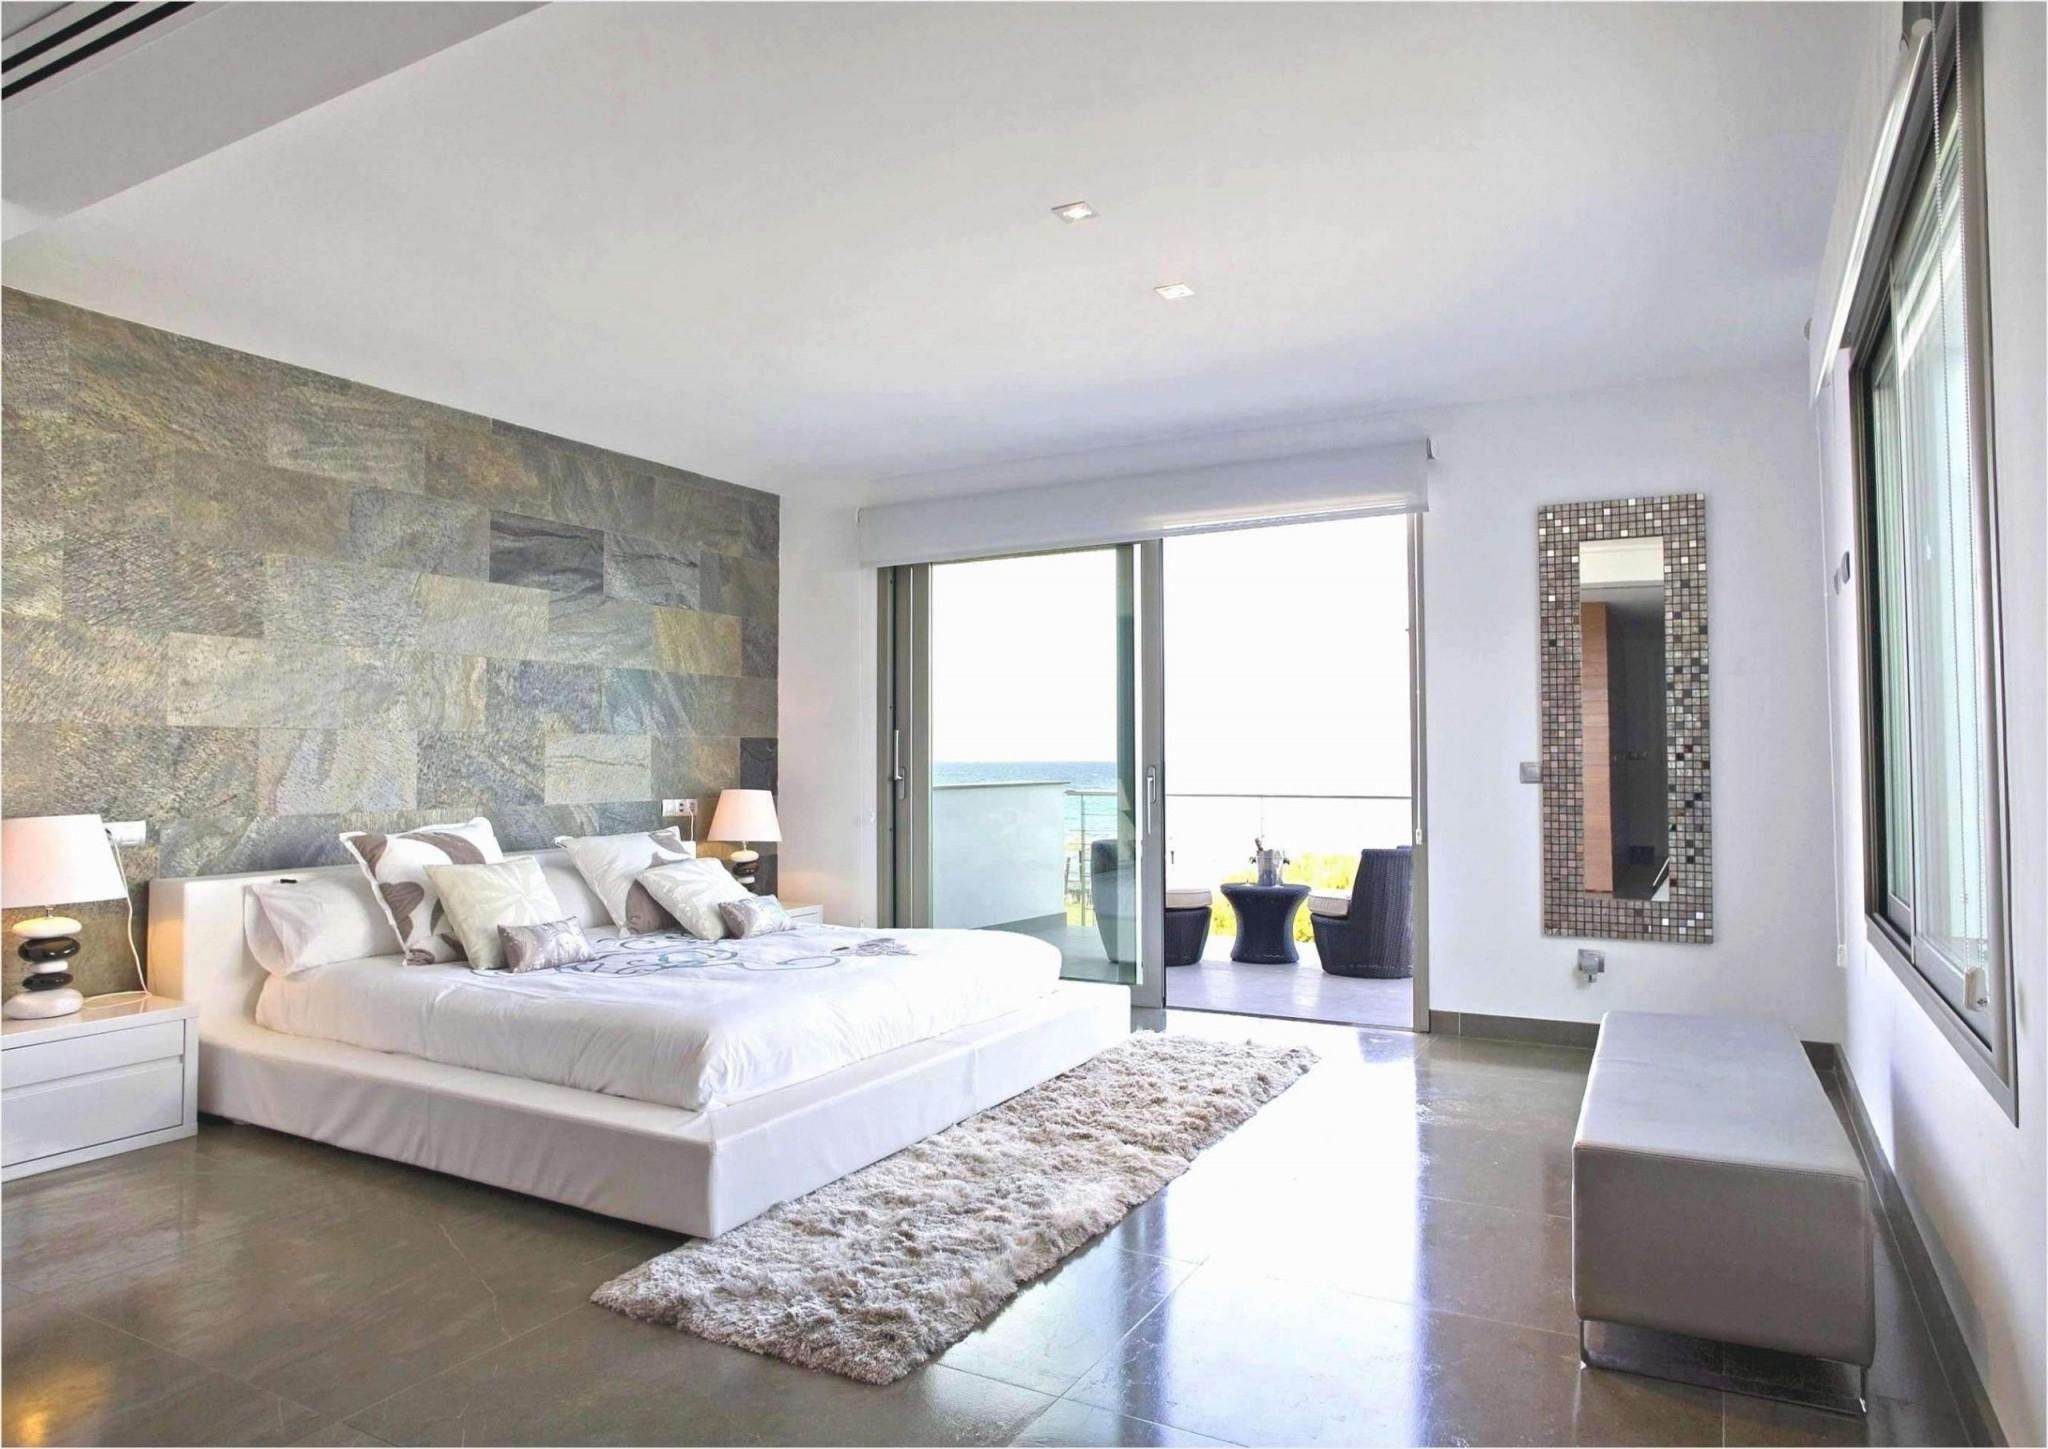 38 Luxus Bilder Wohnzimmer Modern Schön  Wohnzimmer Frisch von Bilder Für Wohnzimmer Modern Bild